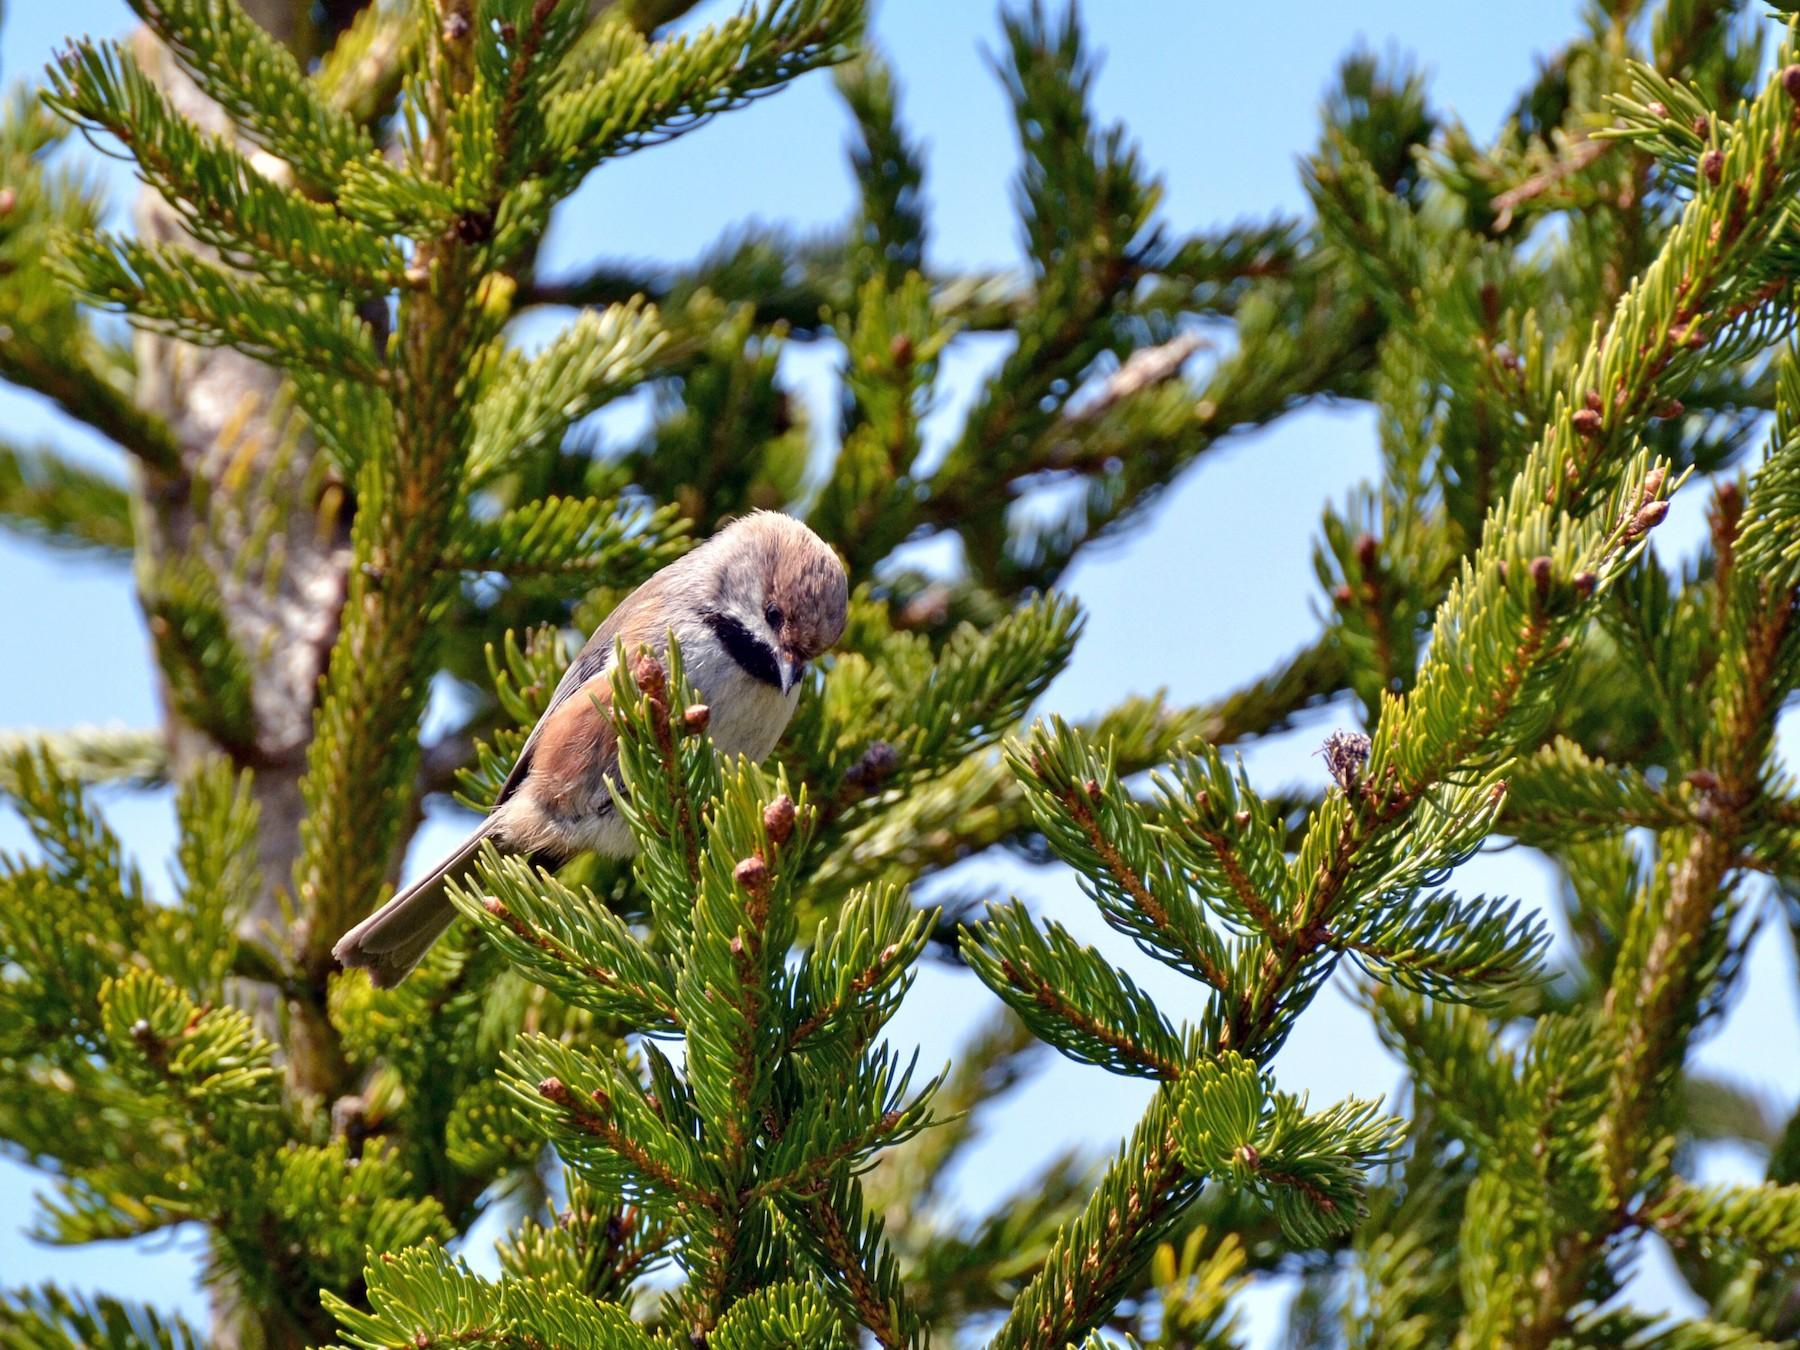 Boreal Chickadee - Epi Shemming